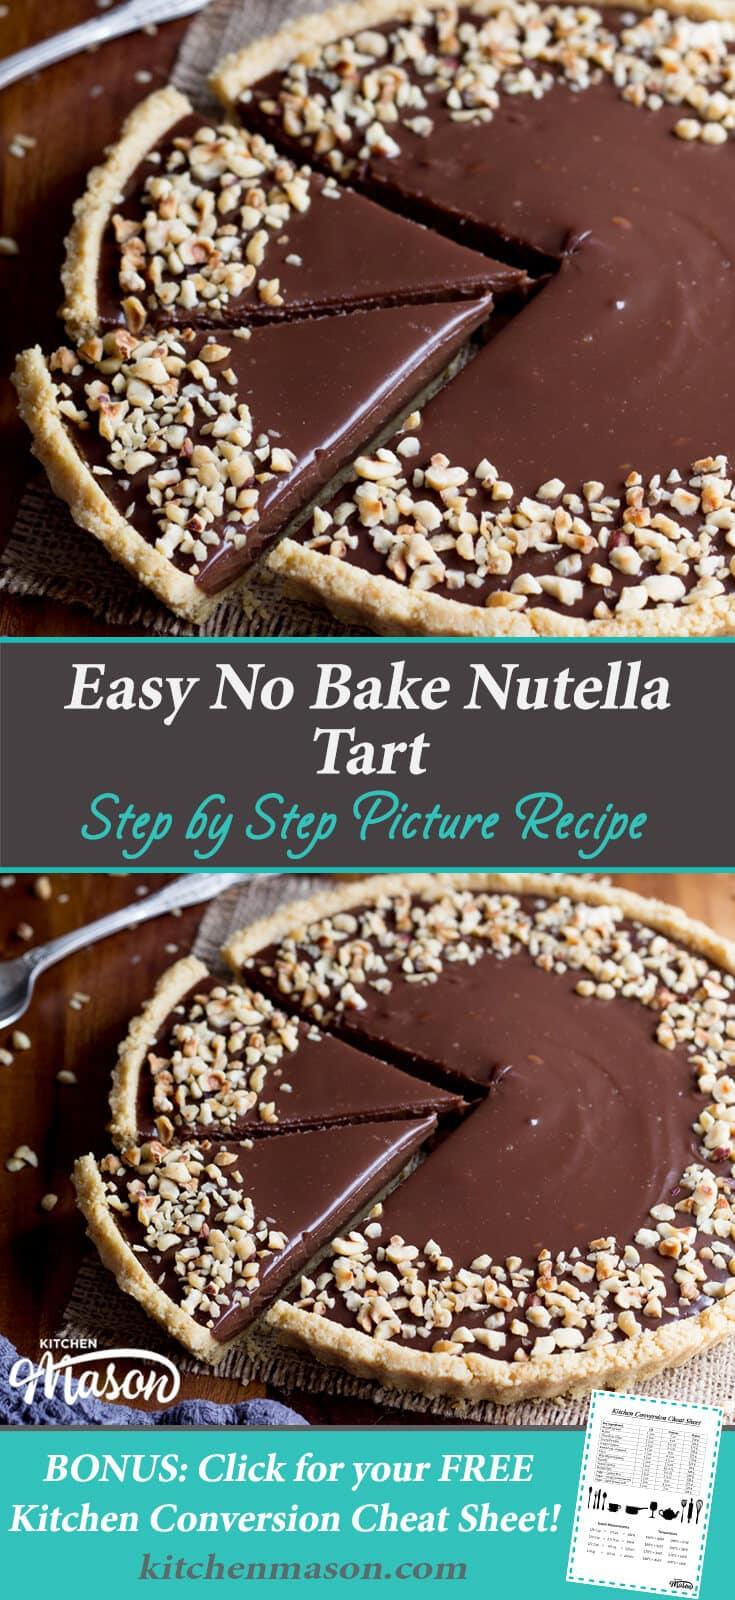 Easy No Bake Nutella Tart | Easy Dessert Recipes | No Bake Tart Recipes